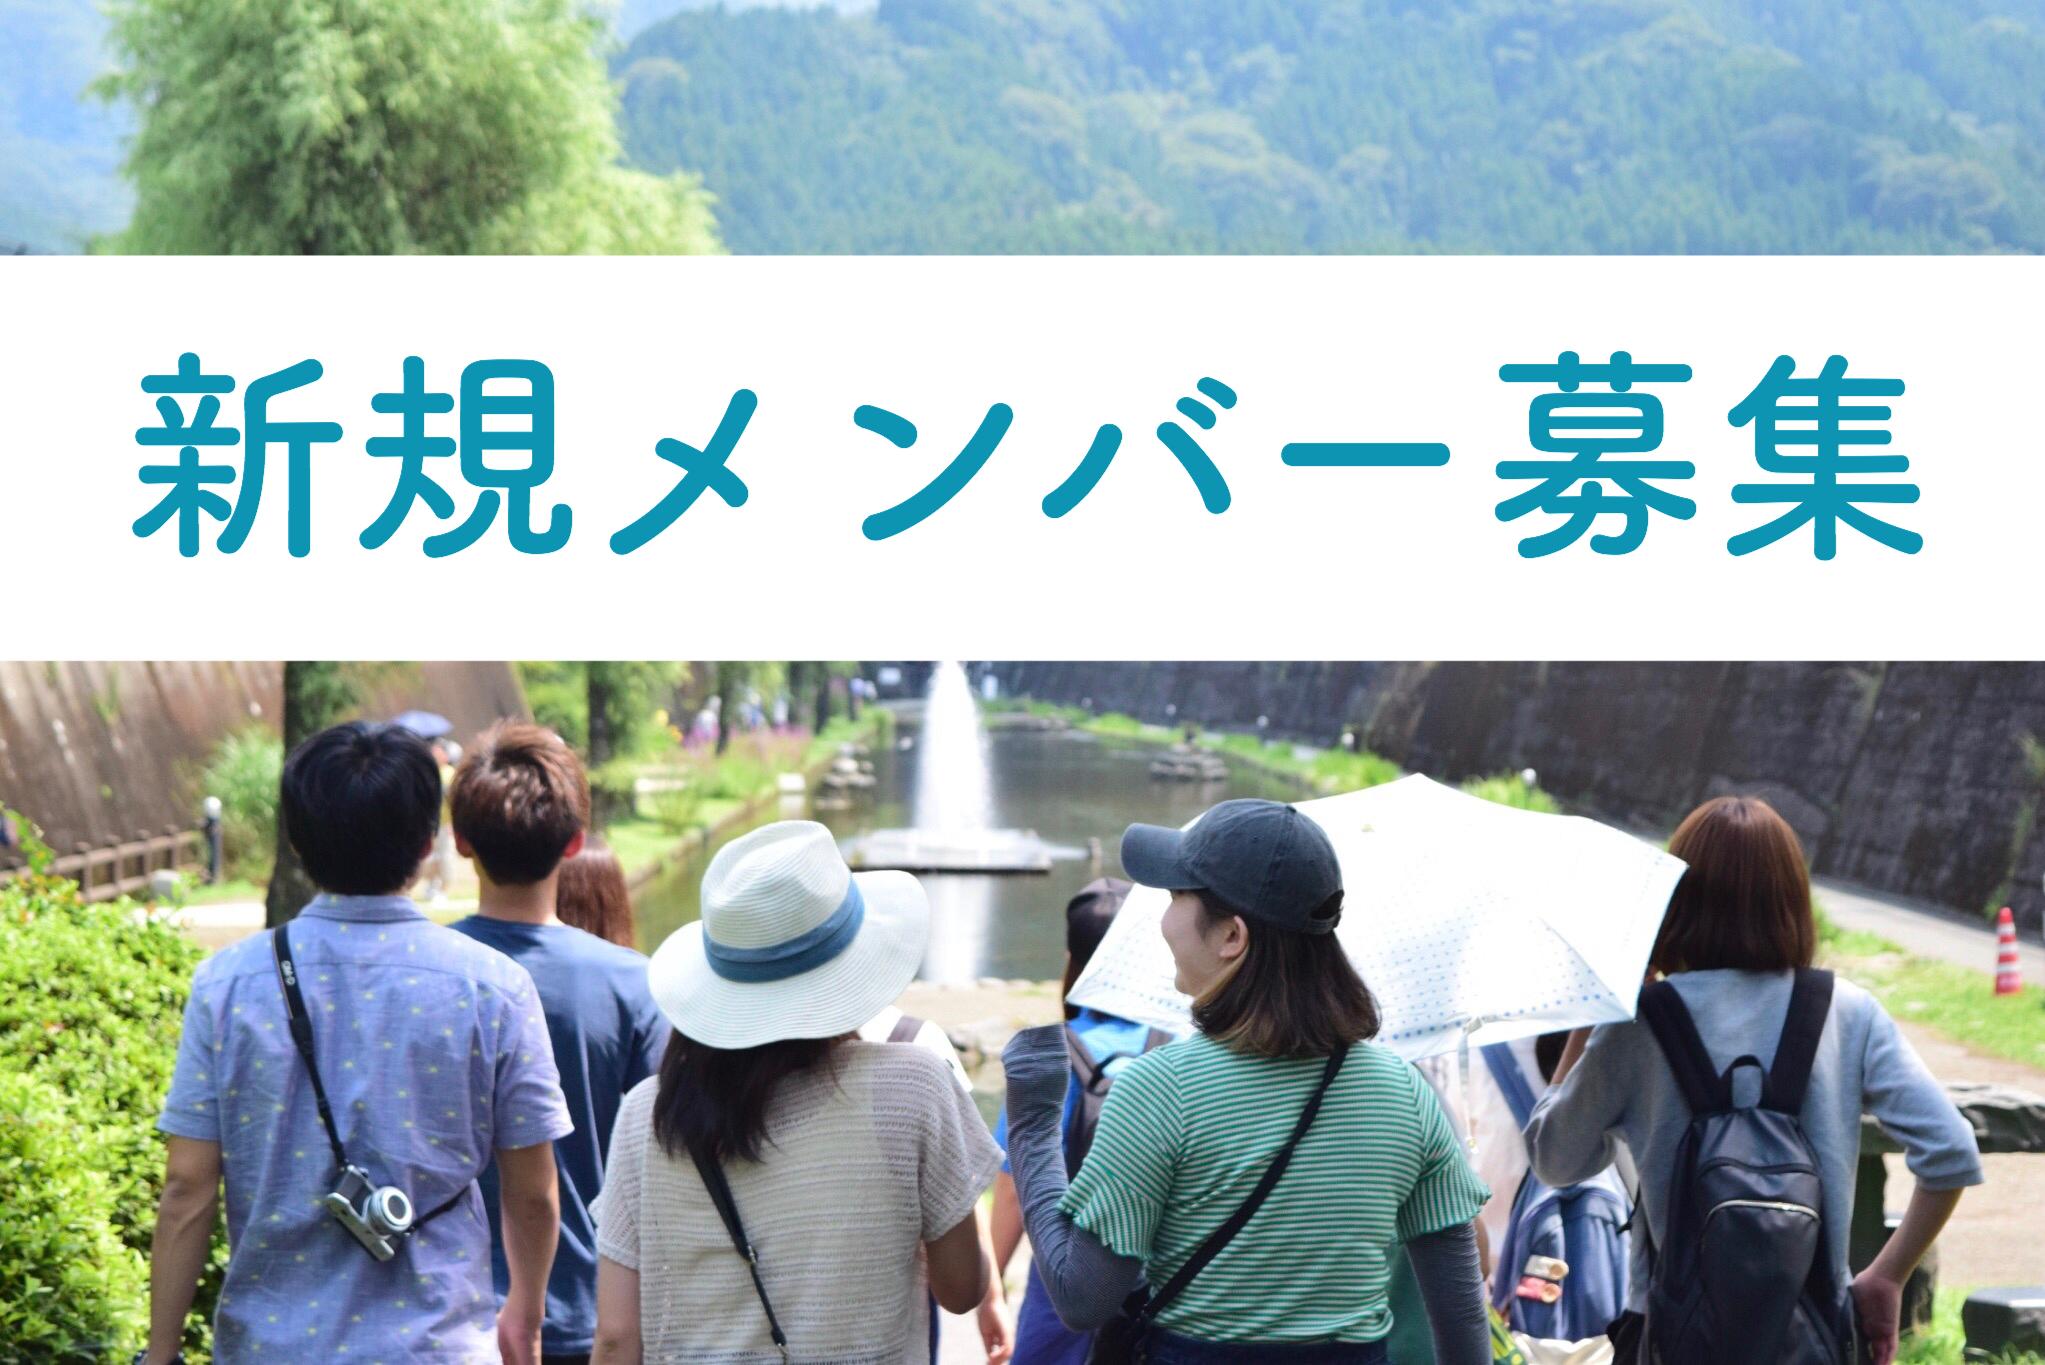 【お知らせ】熊本大学学生団体《 Kumarism 》新規メンバー募集★